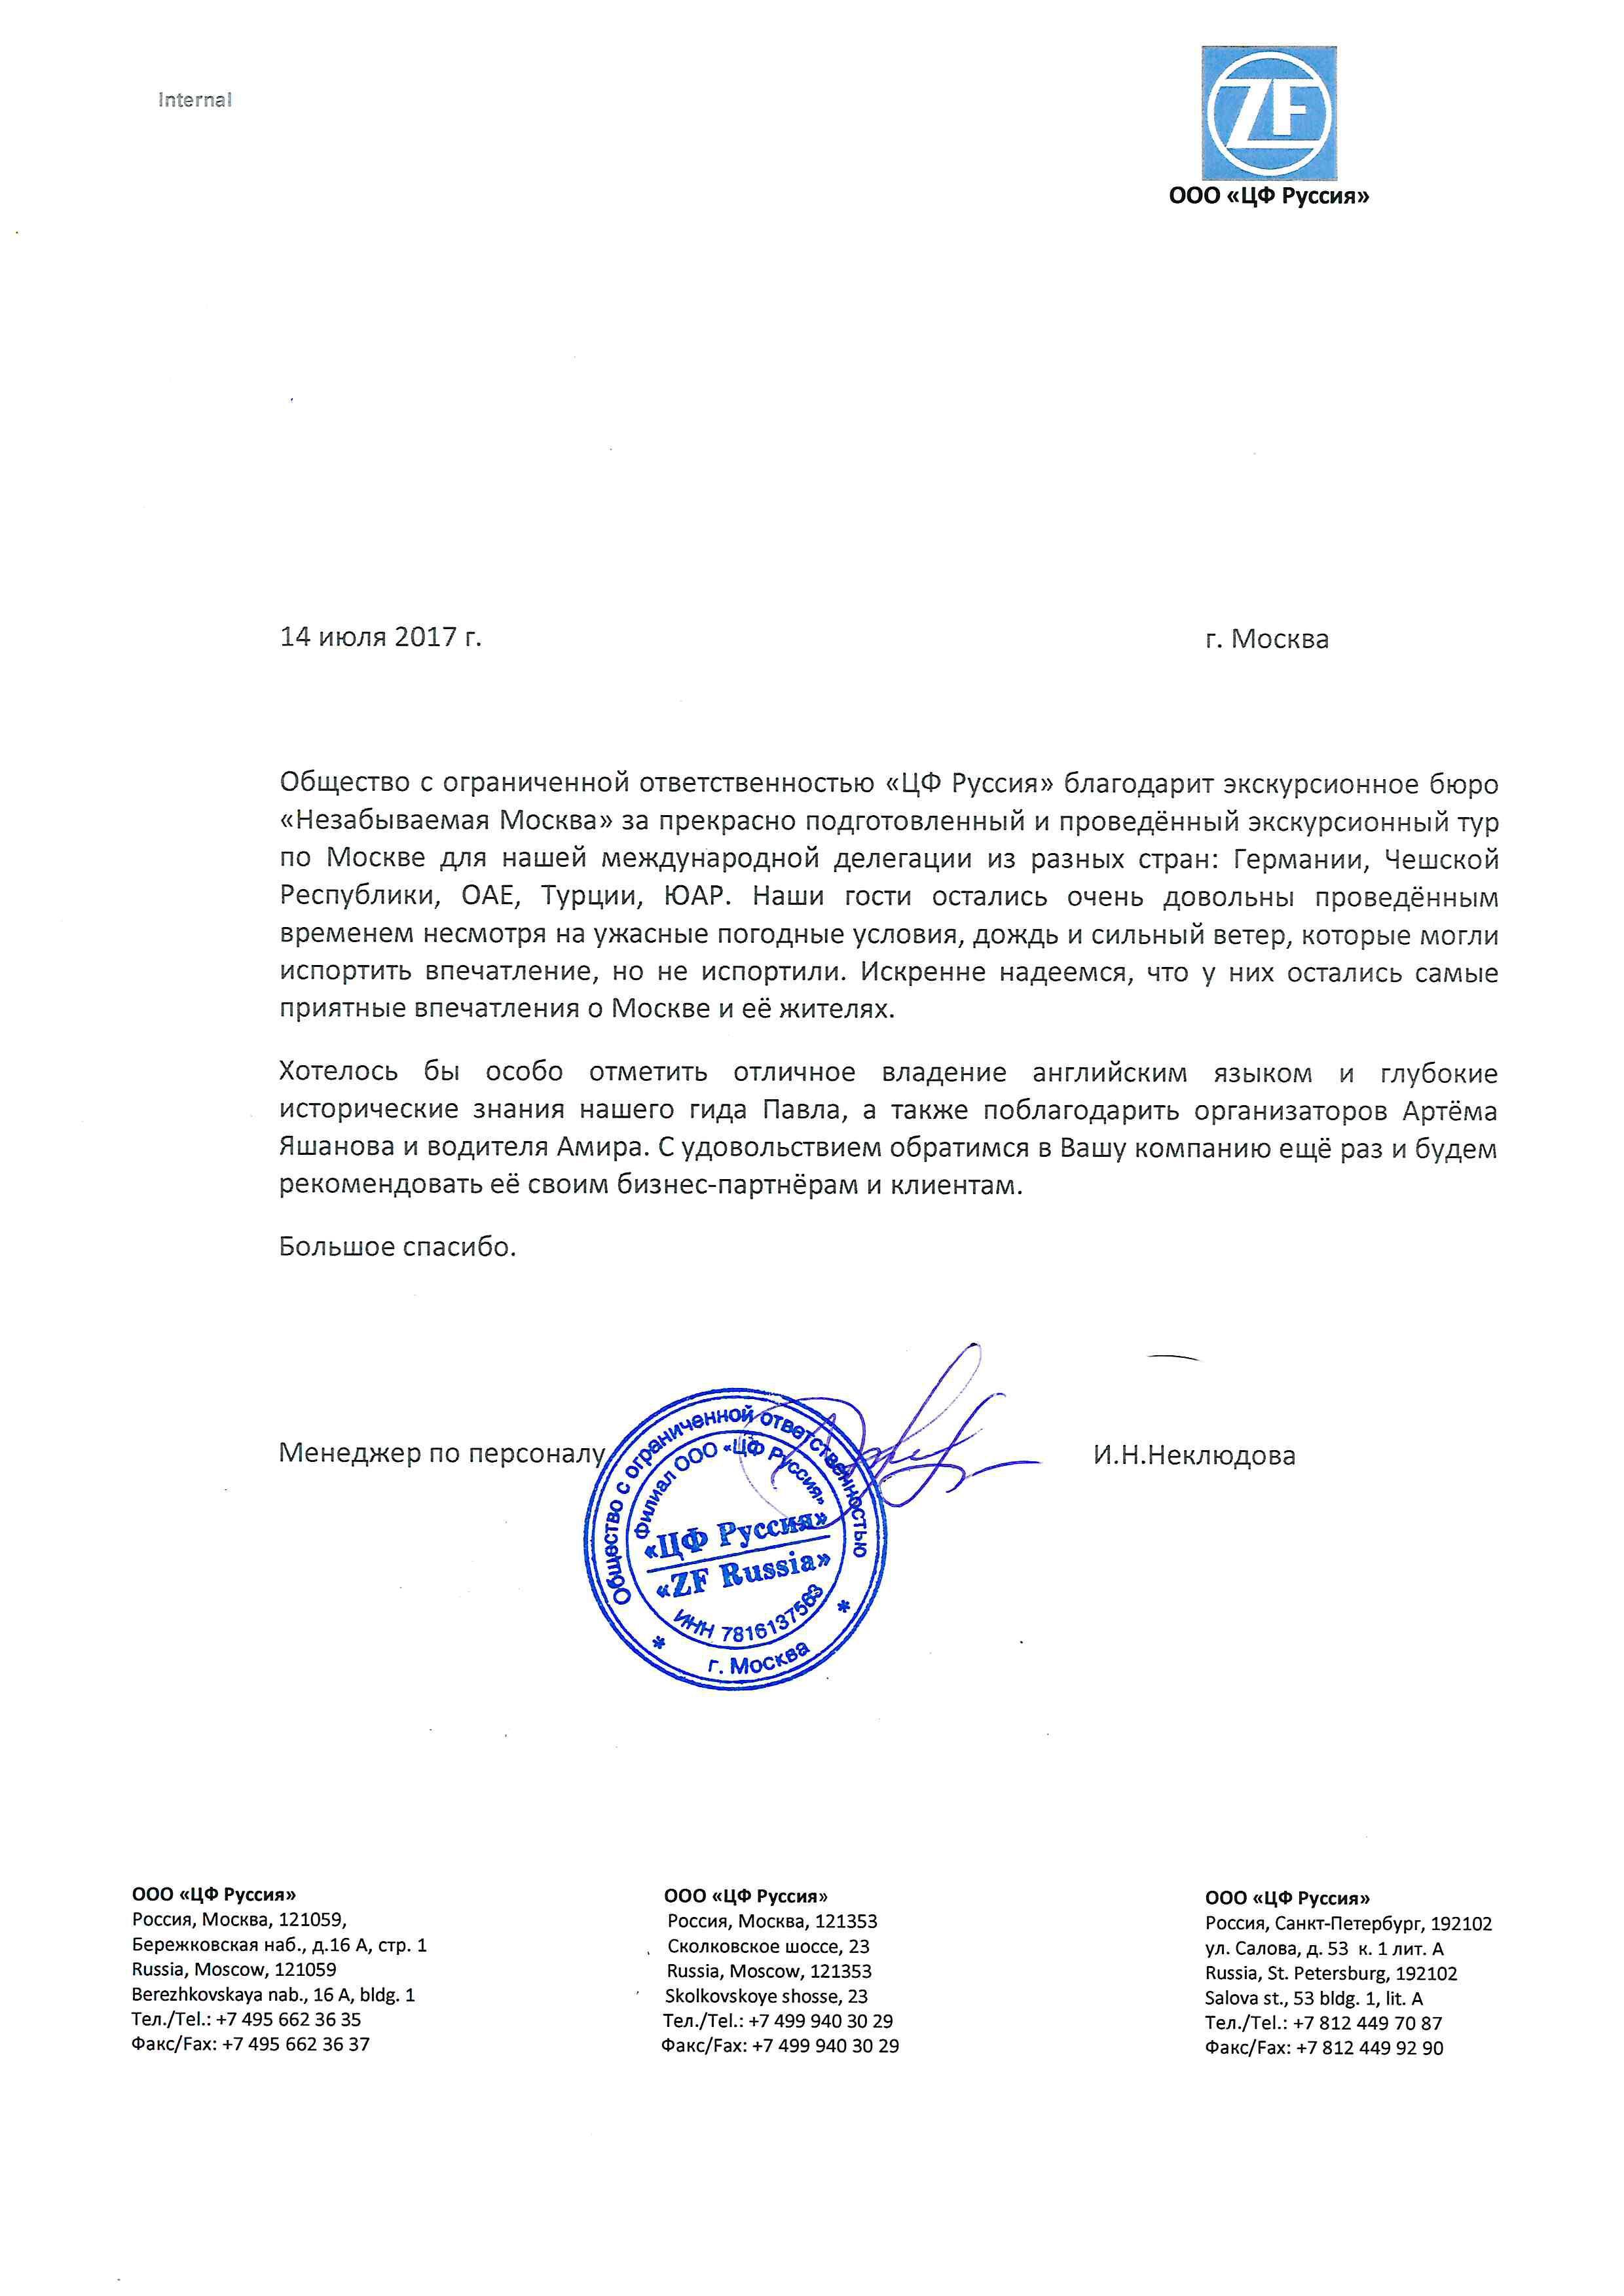 Благодарственное письмо от ООО «ЦФ Руссия»